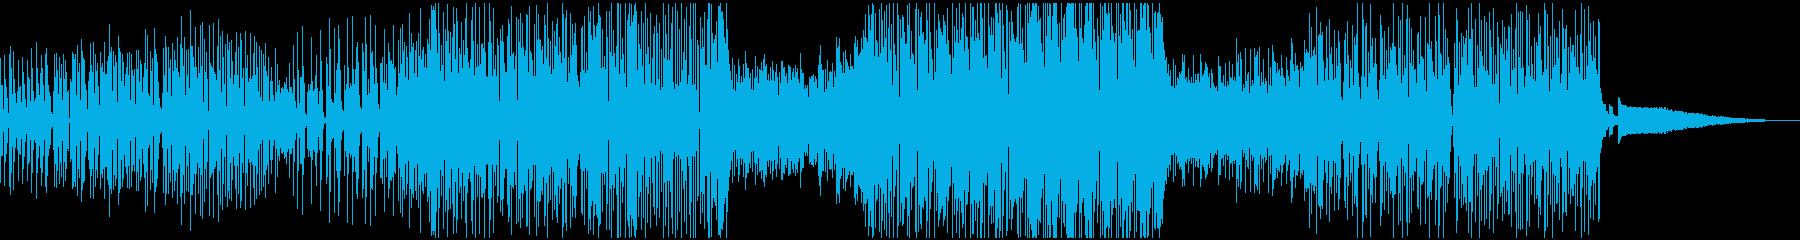 プログレッシブハウス。LentoV...の再生済みの波形